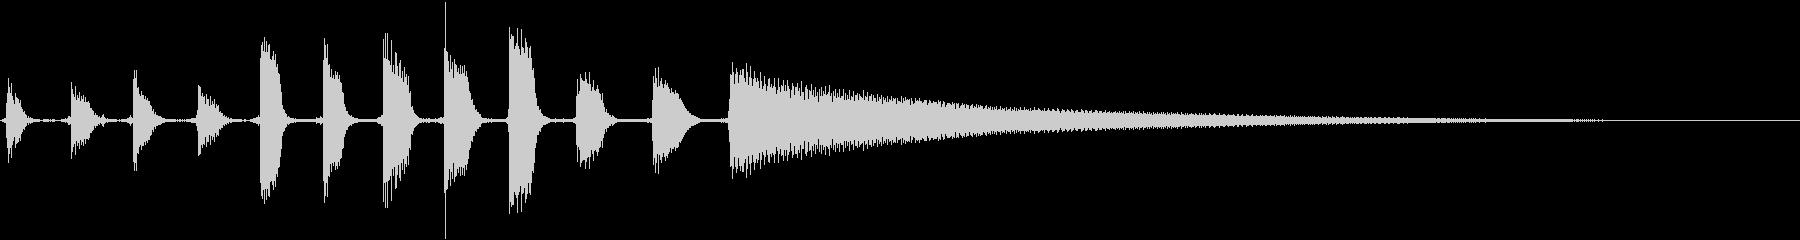 エレクトリックギター:ショート、ミ...の未再生の波形